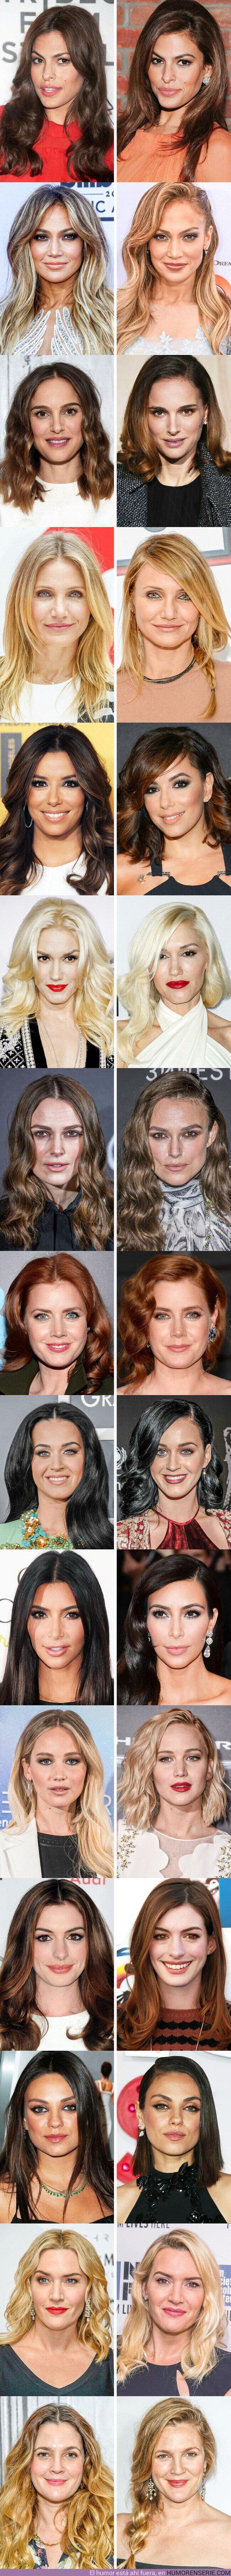 77048 - GALERÍA: 15+ Fotos de famosas que muestran que cambiar la raya de sitio puede cambiar tu aspecto por completo